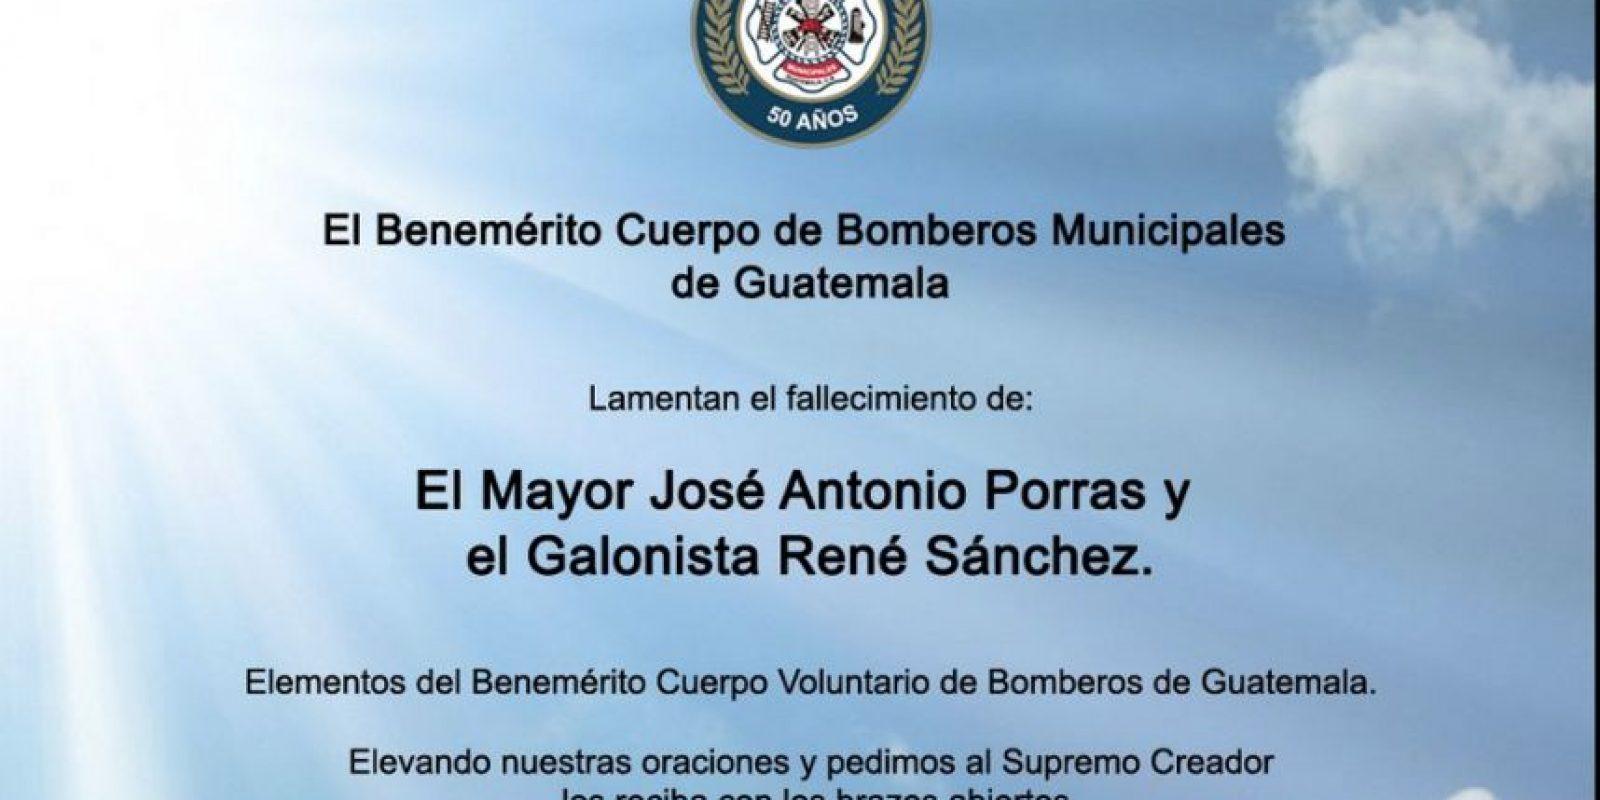 El mensaje de los Bomberos Municipales. Foto:Cortesía